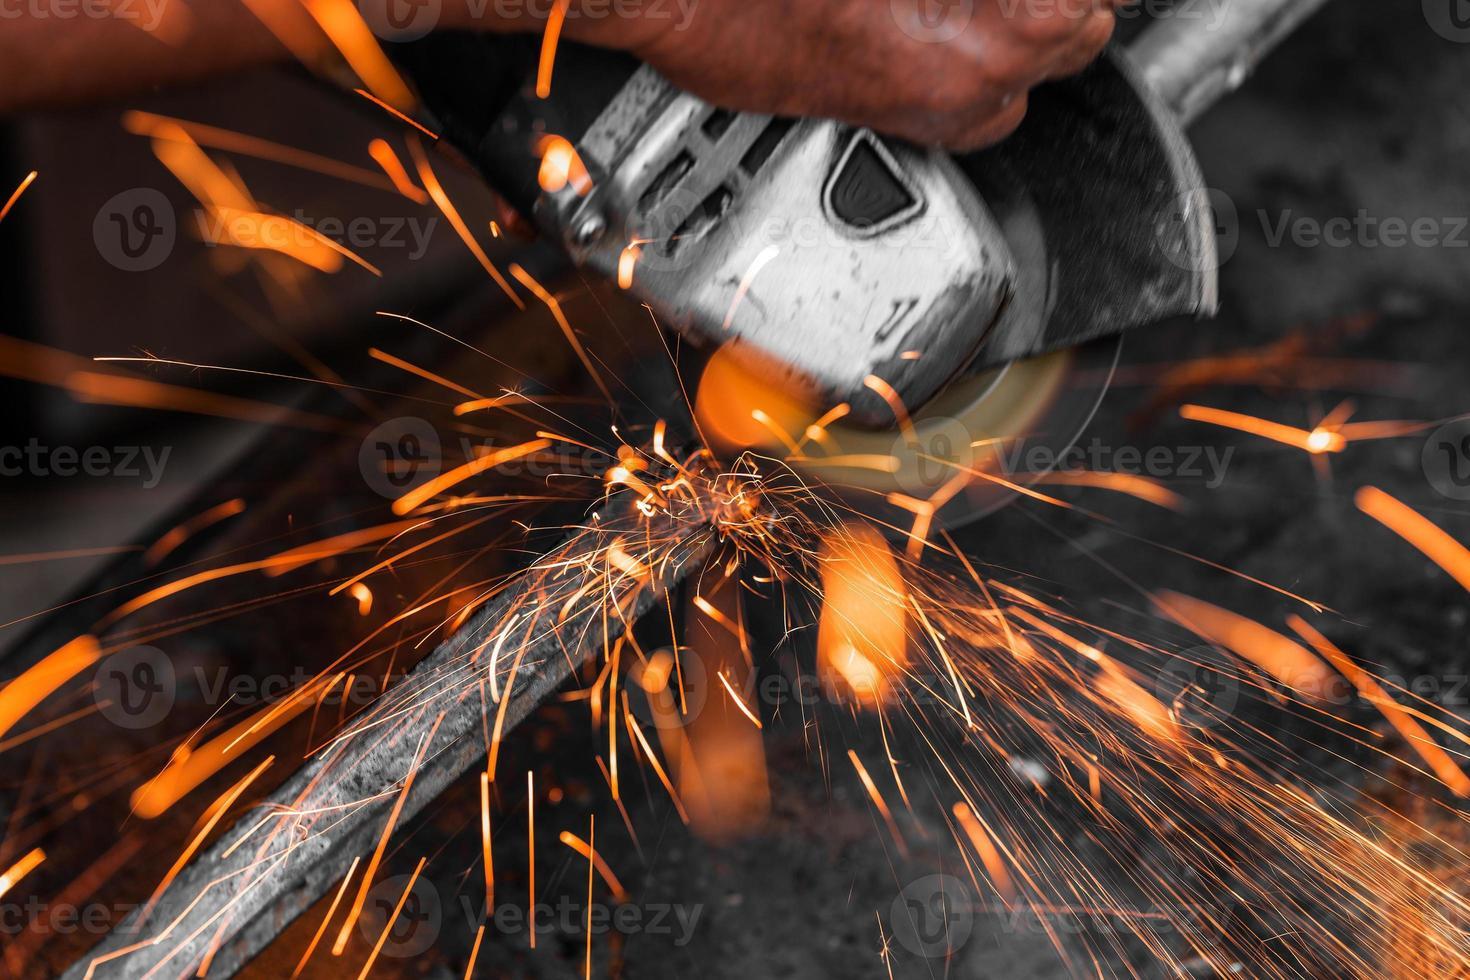 trabajador cortar metal foto